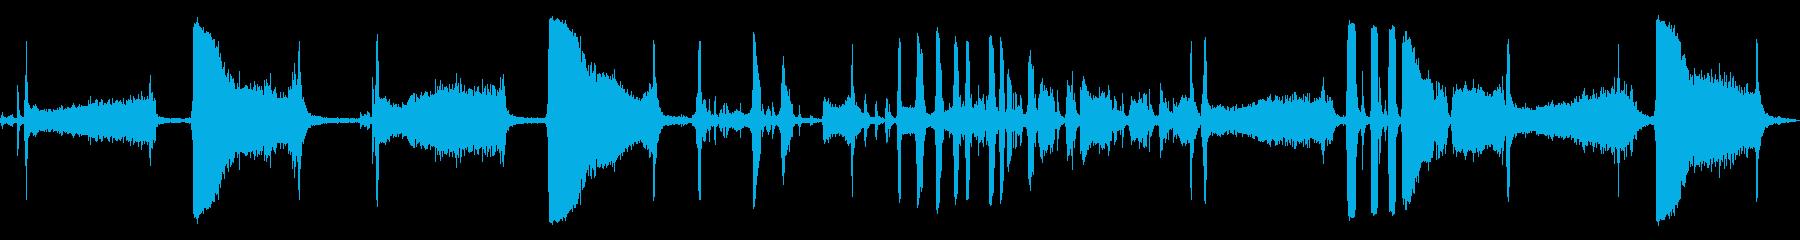 機械空気吸引解除レバークランクの再生済みの波形